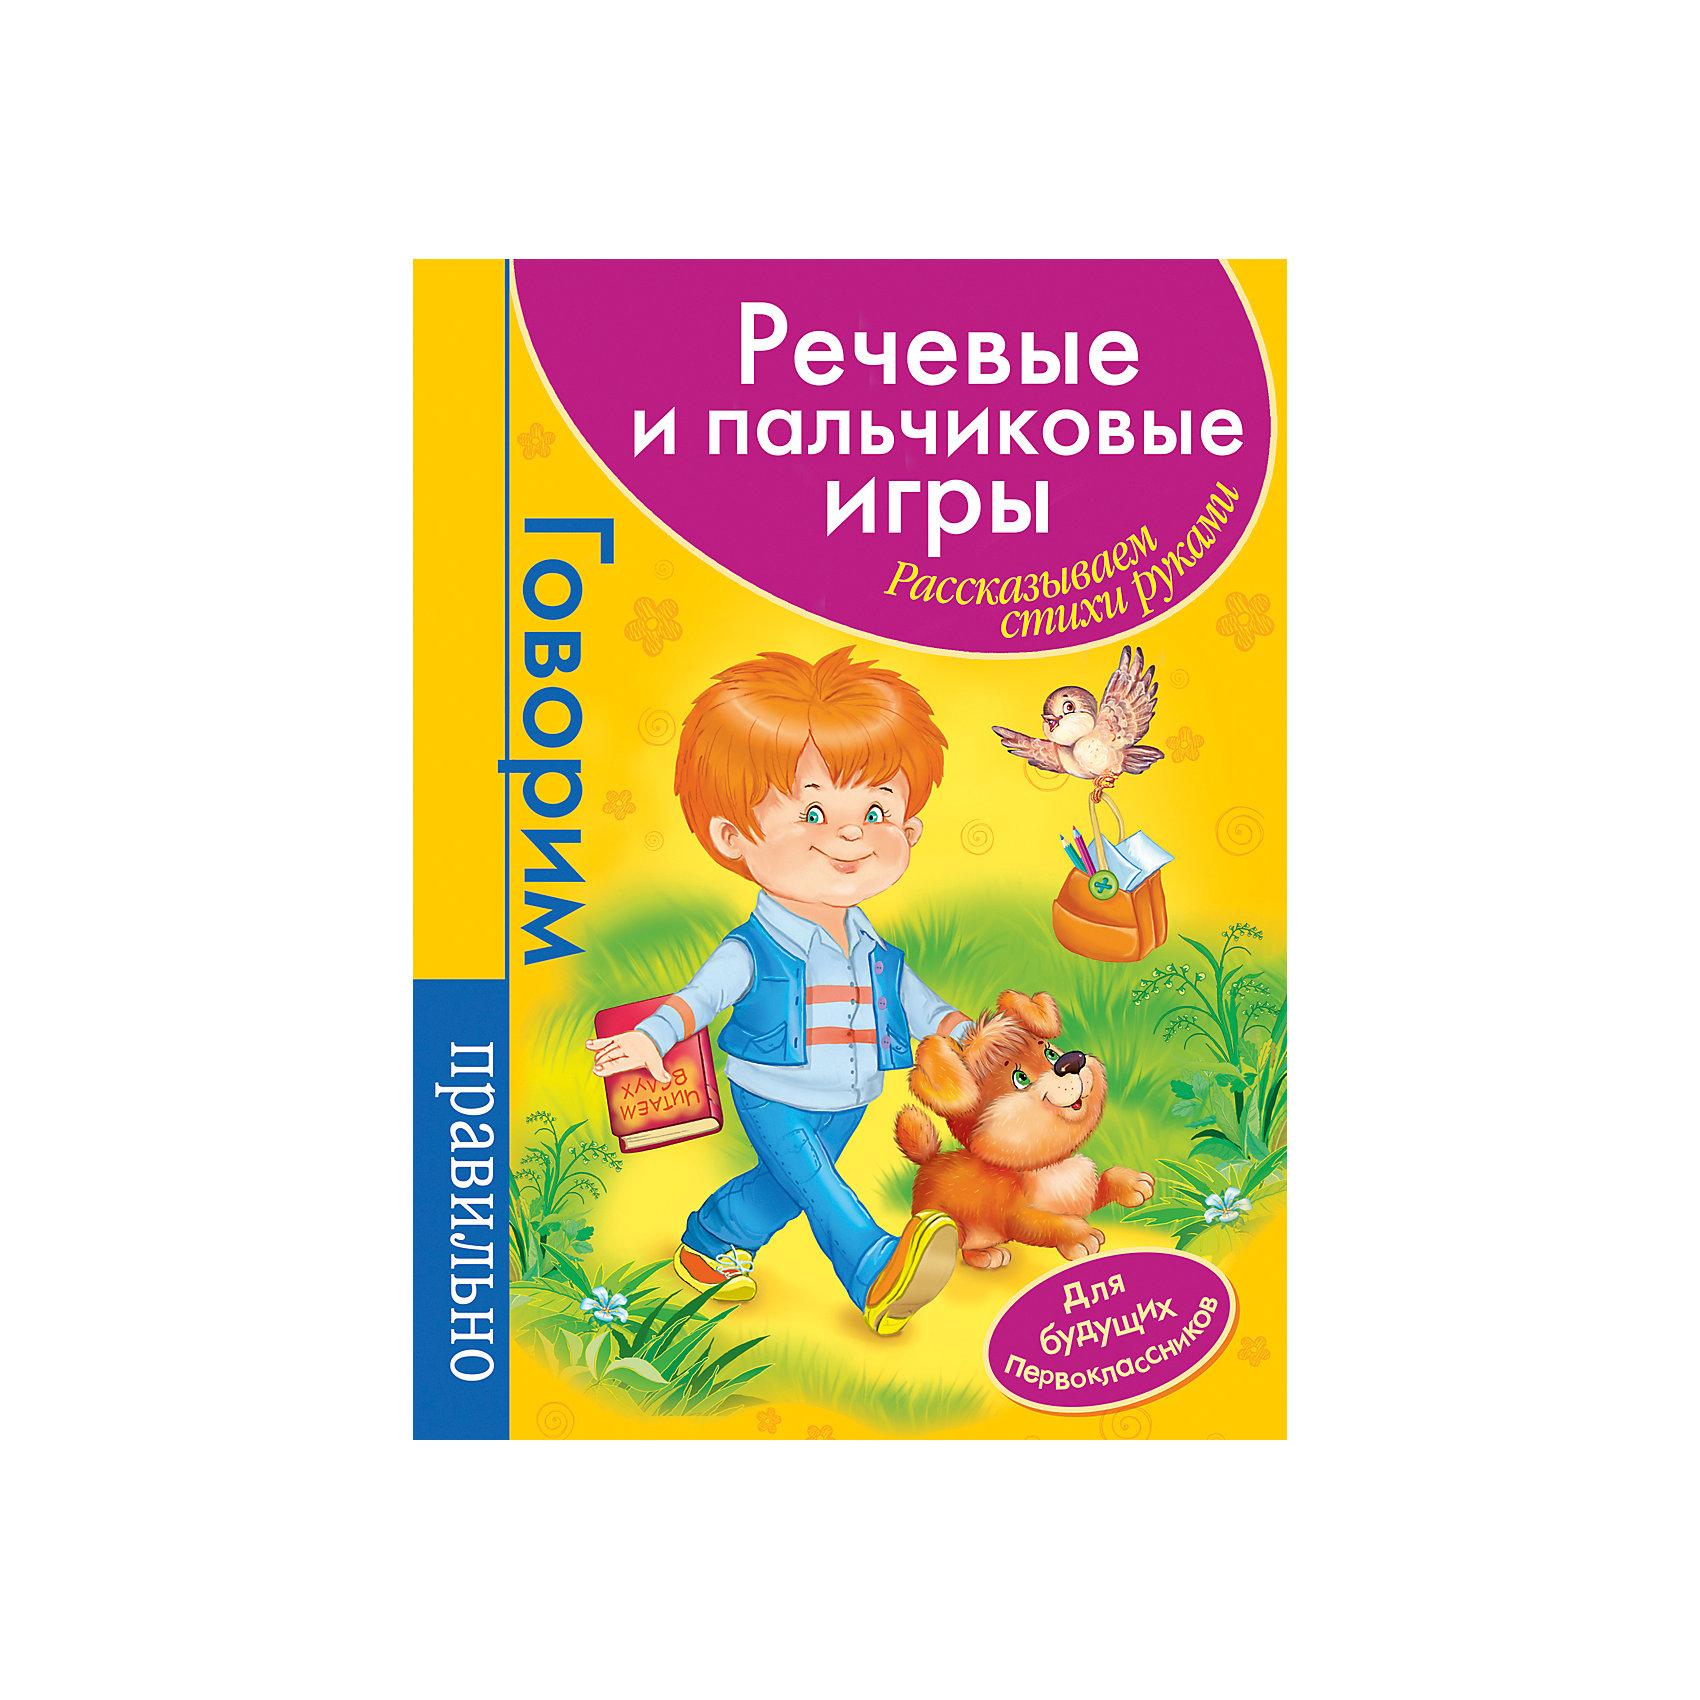 Речевые и пальчиковые игры для будущих первоклассников (малиновая)Книги для развития речи<br>Характеристики товара:<br><br>- цвет: разноцветный;<br>- материал: бумага;<br>- страниц: 16;<br>- формат: 22 х 29 см;<br>- цветные иллюстрации;<br>- развивающая.<br><br>Подготовить ребенка к школе - легко! Это издание станет отличным помощником для родителей. Оно сделано по специальной методике: ребенок будет читать стихи и изображать их жестами - так они легче запоминаются, параллельно тренируются другие важные навыки. Дети с удовольствием выполняют предложенные задания!<br>Выполнение этих упражнений помогает ребенку развивать память, концентрацию внимания, воображение и другие способности. Издание произведено из качественных материалов, которые безопасны даже для самых маленьких.<br><br>Издание Речевые и пальчиковые игры для будущих первоклассников (малиновая) от компании Росмэн можно купить в нашем интернет-магазине.<br><br>Ширина мм: 280<br>Глубина мм: 198<br>Высота мм: 2<br>Вес г: 80<br>Возраст от месяцев: 0<br>Возраст до месяцев: 36<br>Пол: Унисекс<br>Возраст: Детский<br>SKU: 5110224